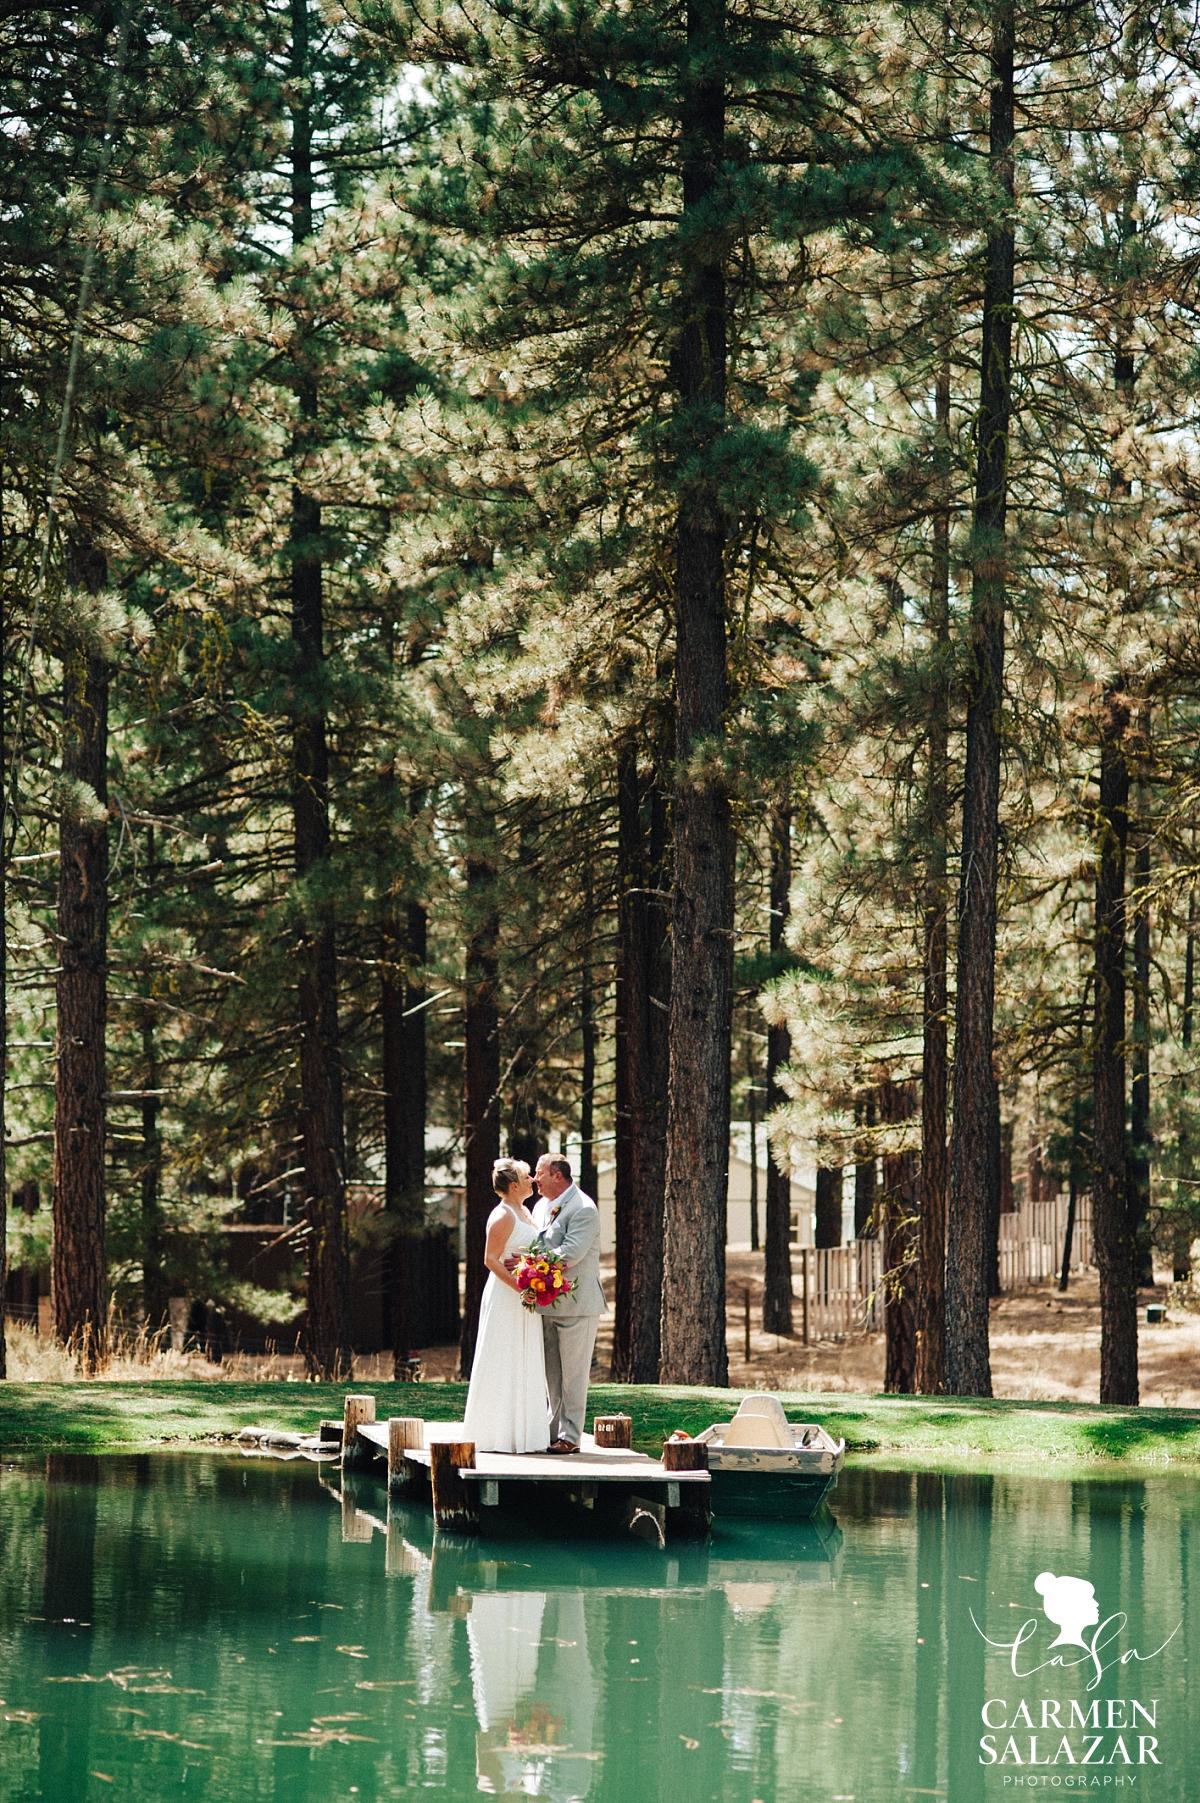 Bride and groom on dock at a pond - Carmen Salazar